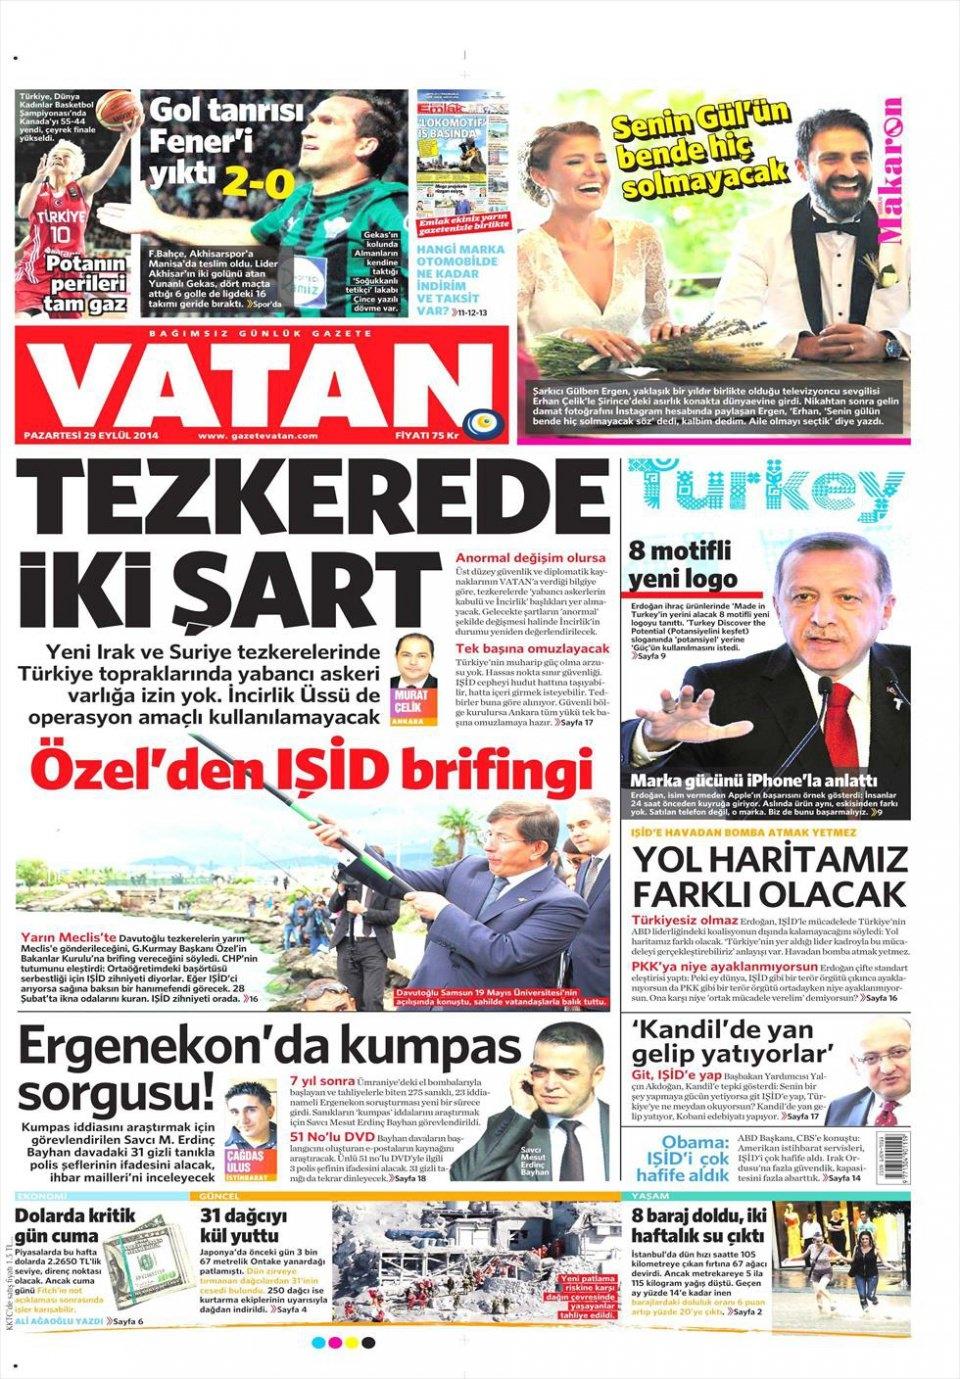 29 Eylül 2014 gazete manşetleri 22